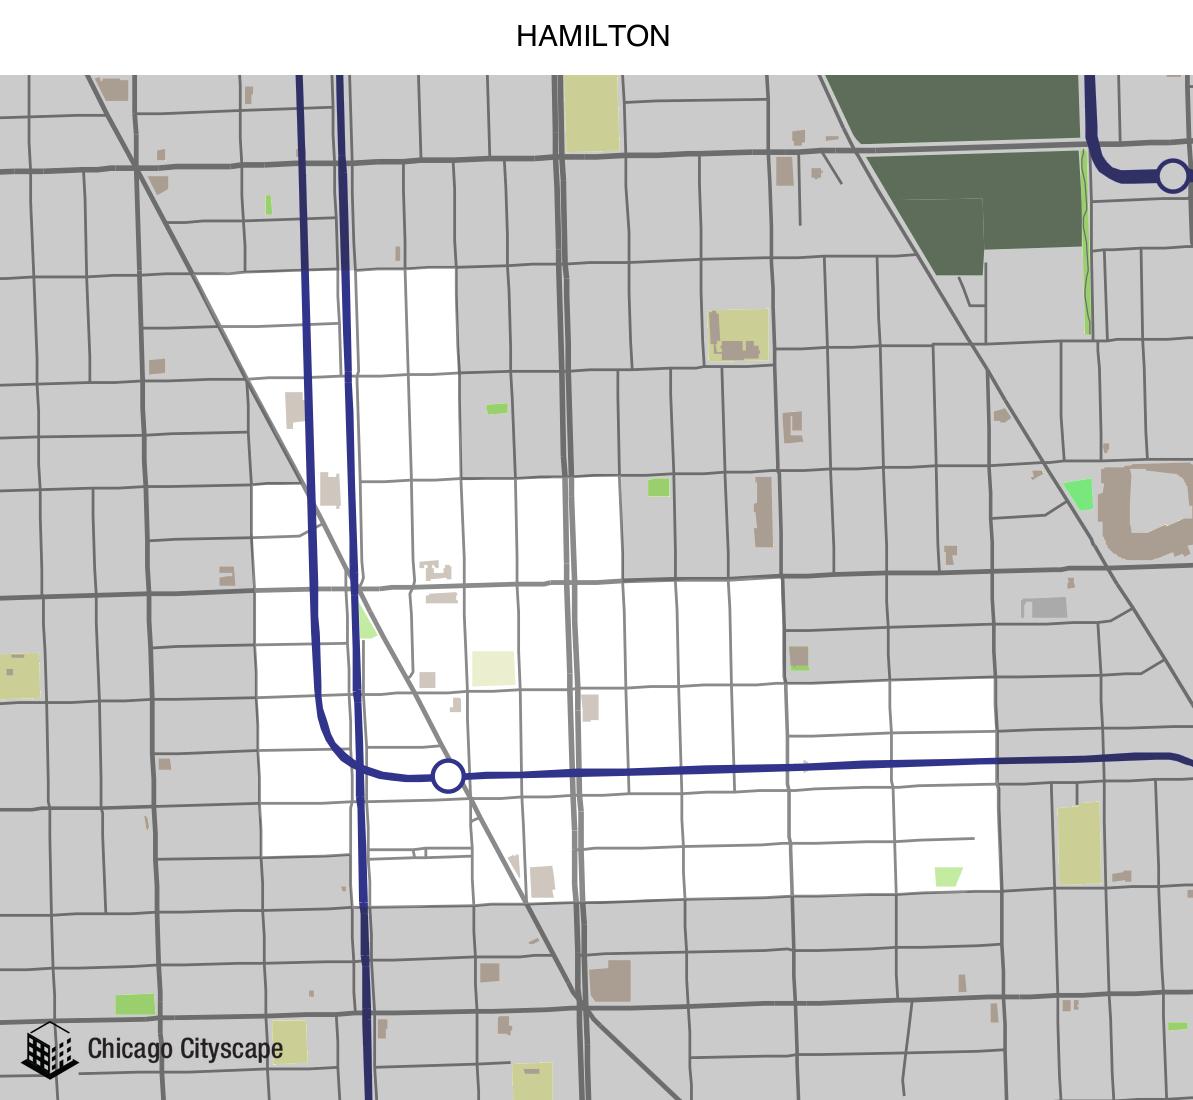 Map Of Hamilton County, Map Of Hamilton Designed By Chicago Cityscape, Map Of Hamilton County